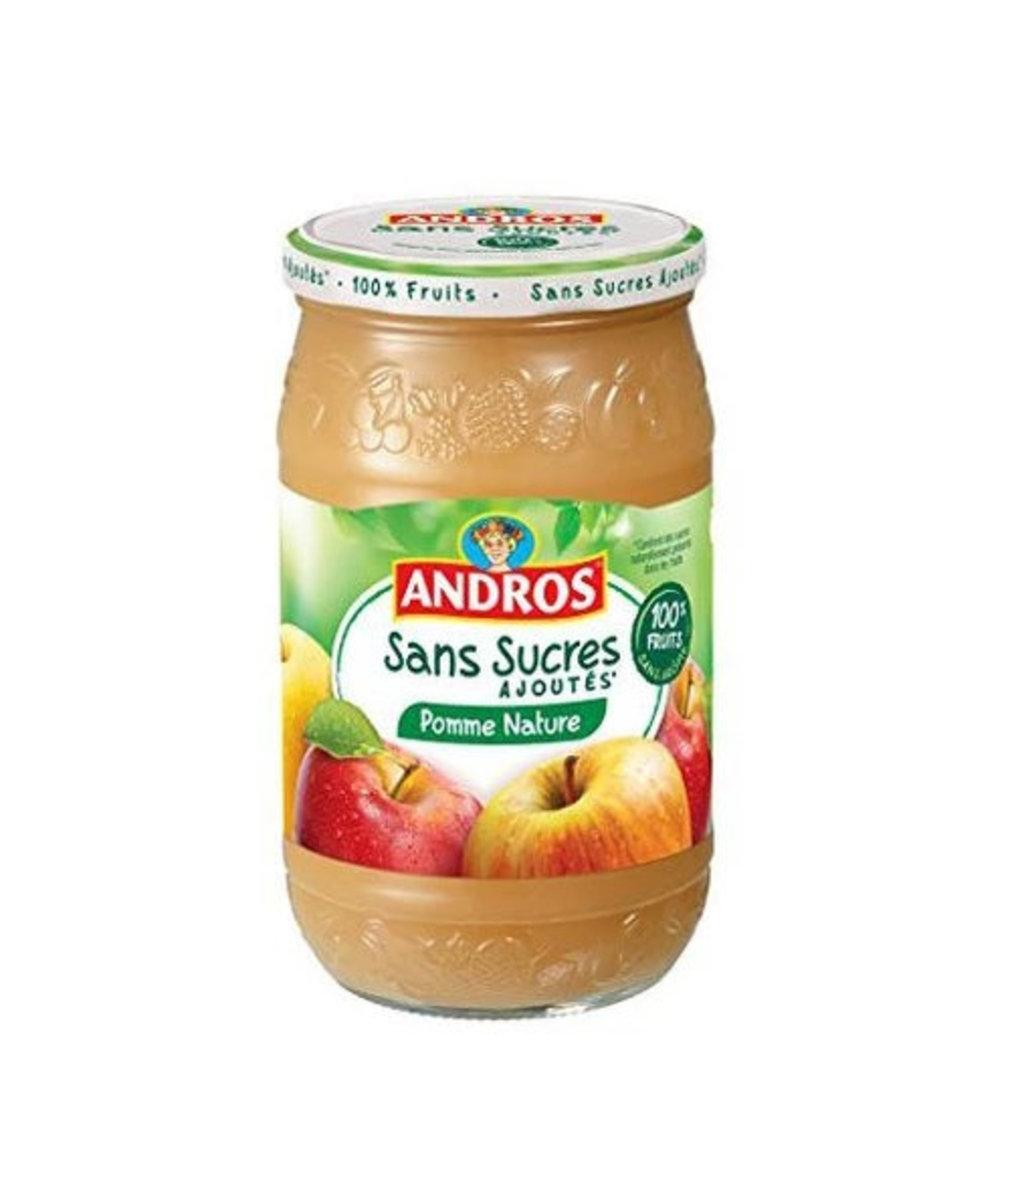 法國直送 - ANDROS - 蘋果果蓉甜品 - 730g